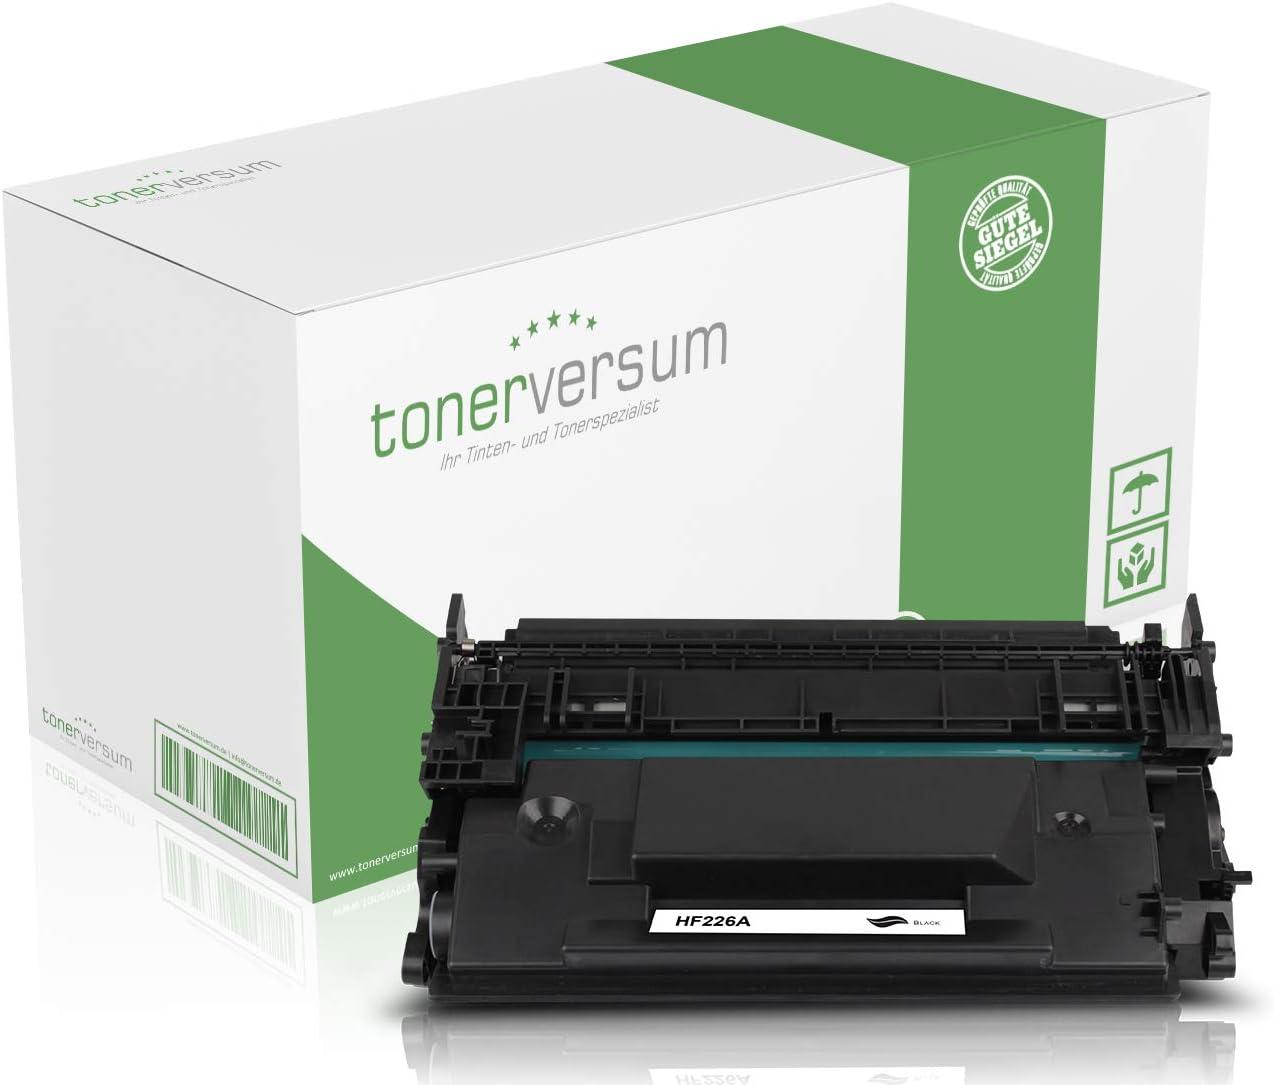 Toner compatible con HP cf226 a 26 A LaserJet Pro M402 D/DN/DW/N ...